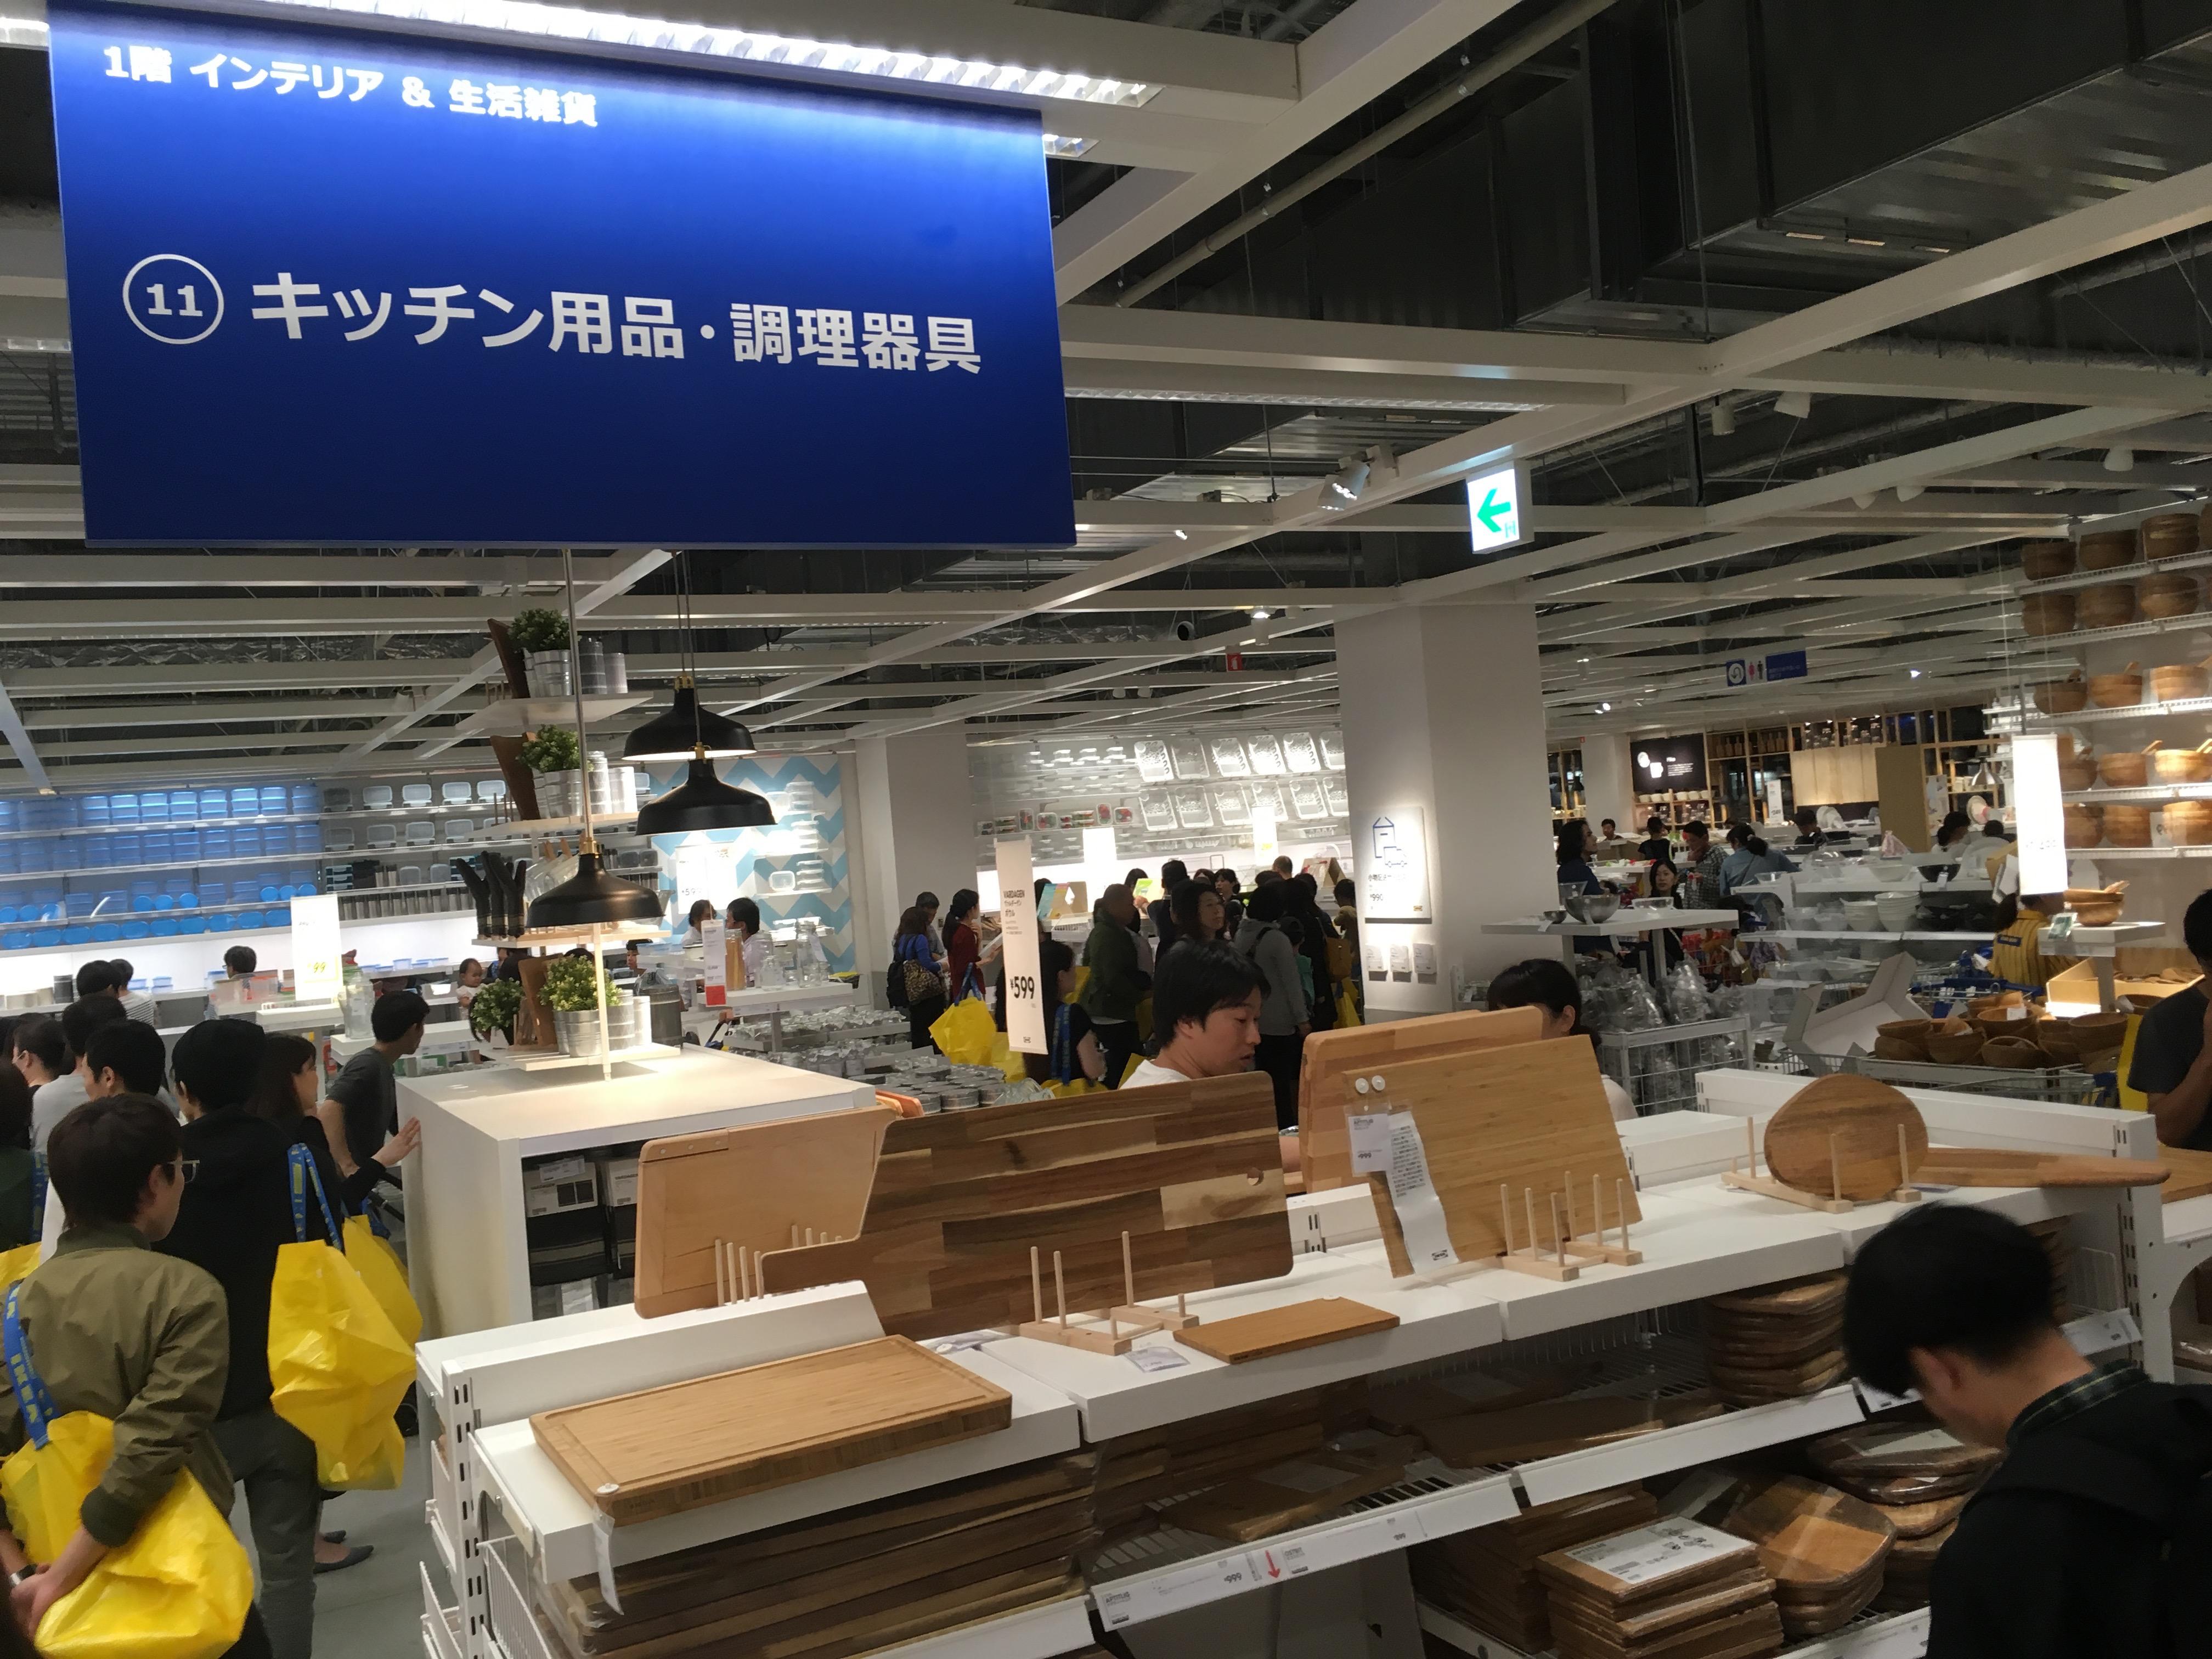 待望の東海地区初進出!ニューオープンのIKEA長久手に行ってきました! - IMG 7675